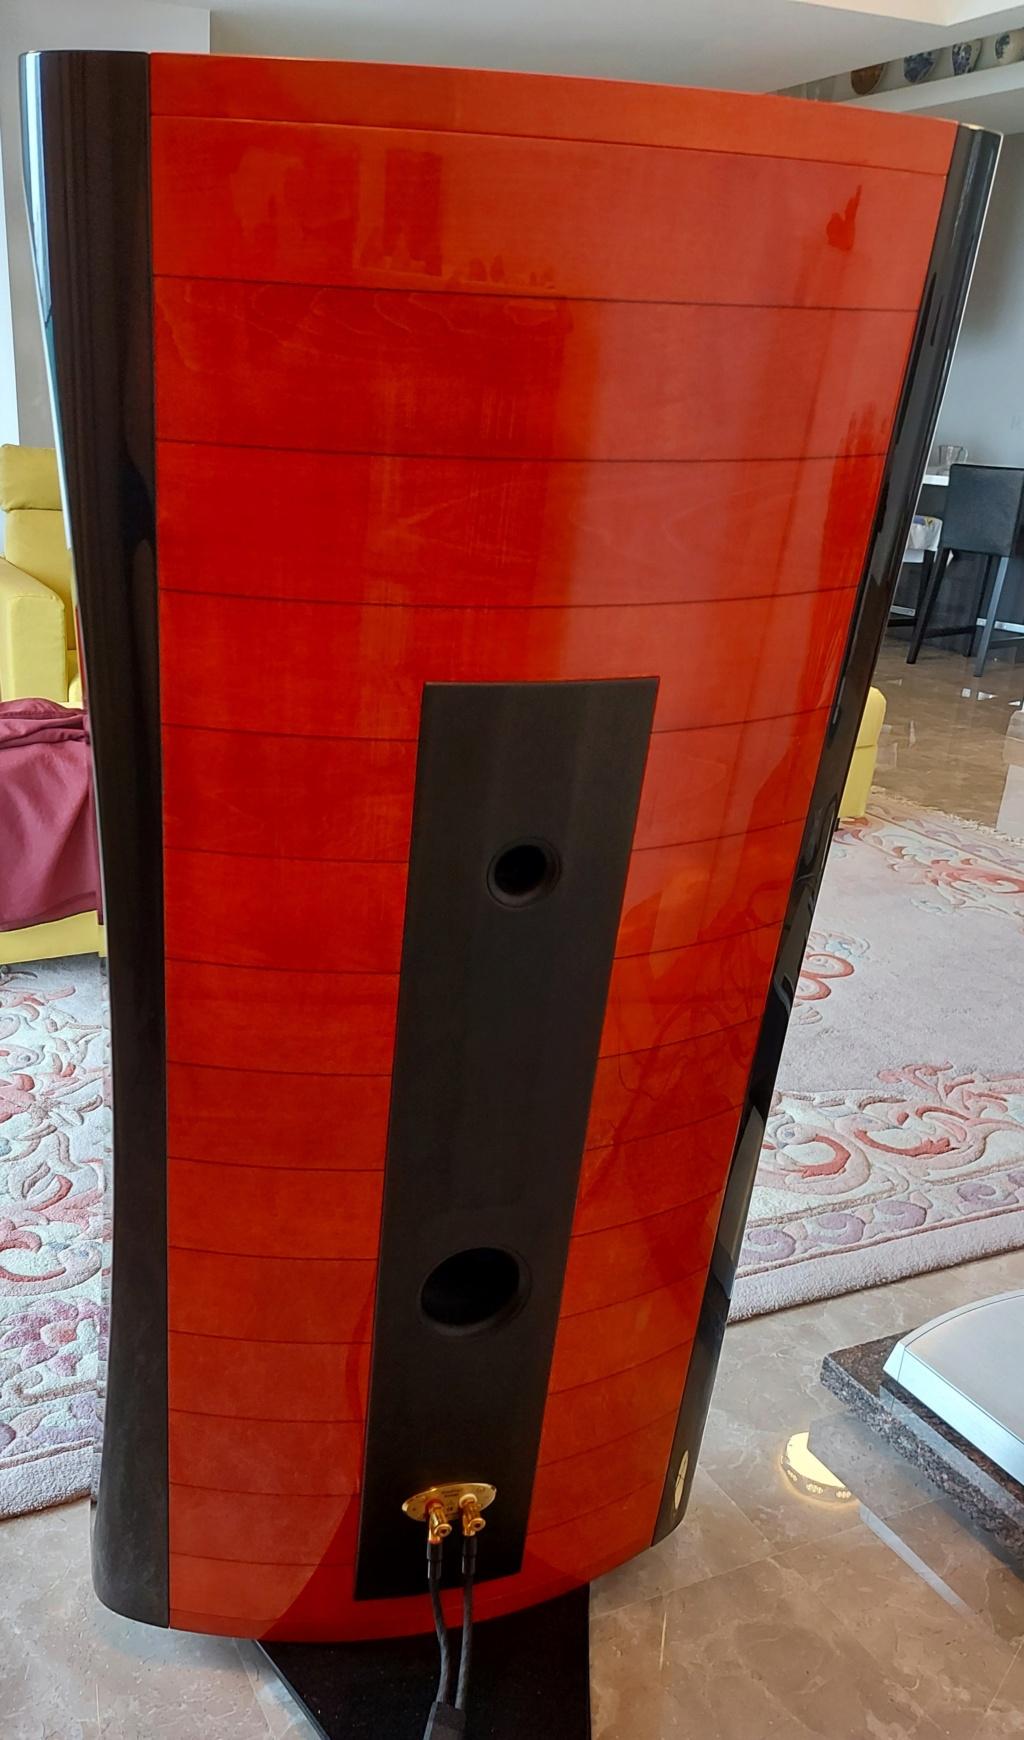 Sonus Faber Stradivari Homage Speakers (Used) A110